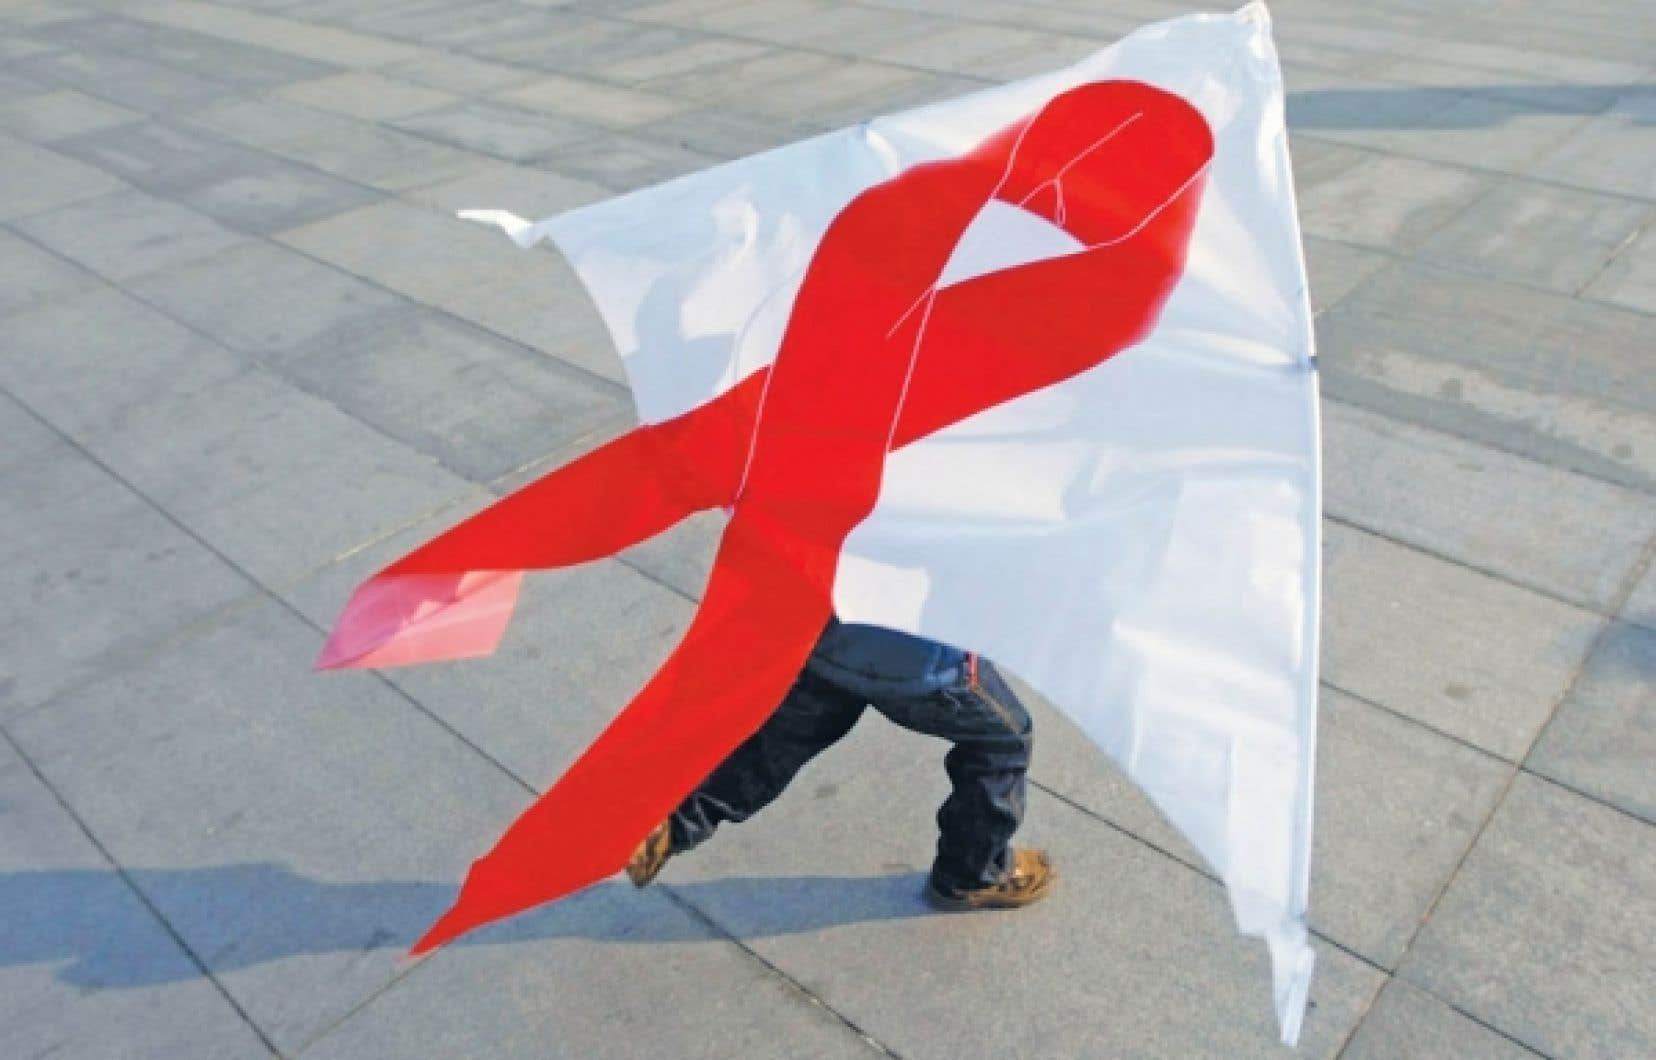 &Agrave; P&eacute;kin, un enfant fait voler son cerf-volant au ruban rouge, symbole universel de la Journ&eacute;e mondiale de lutte contre le sida.&nbsp; <br />